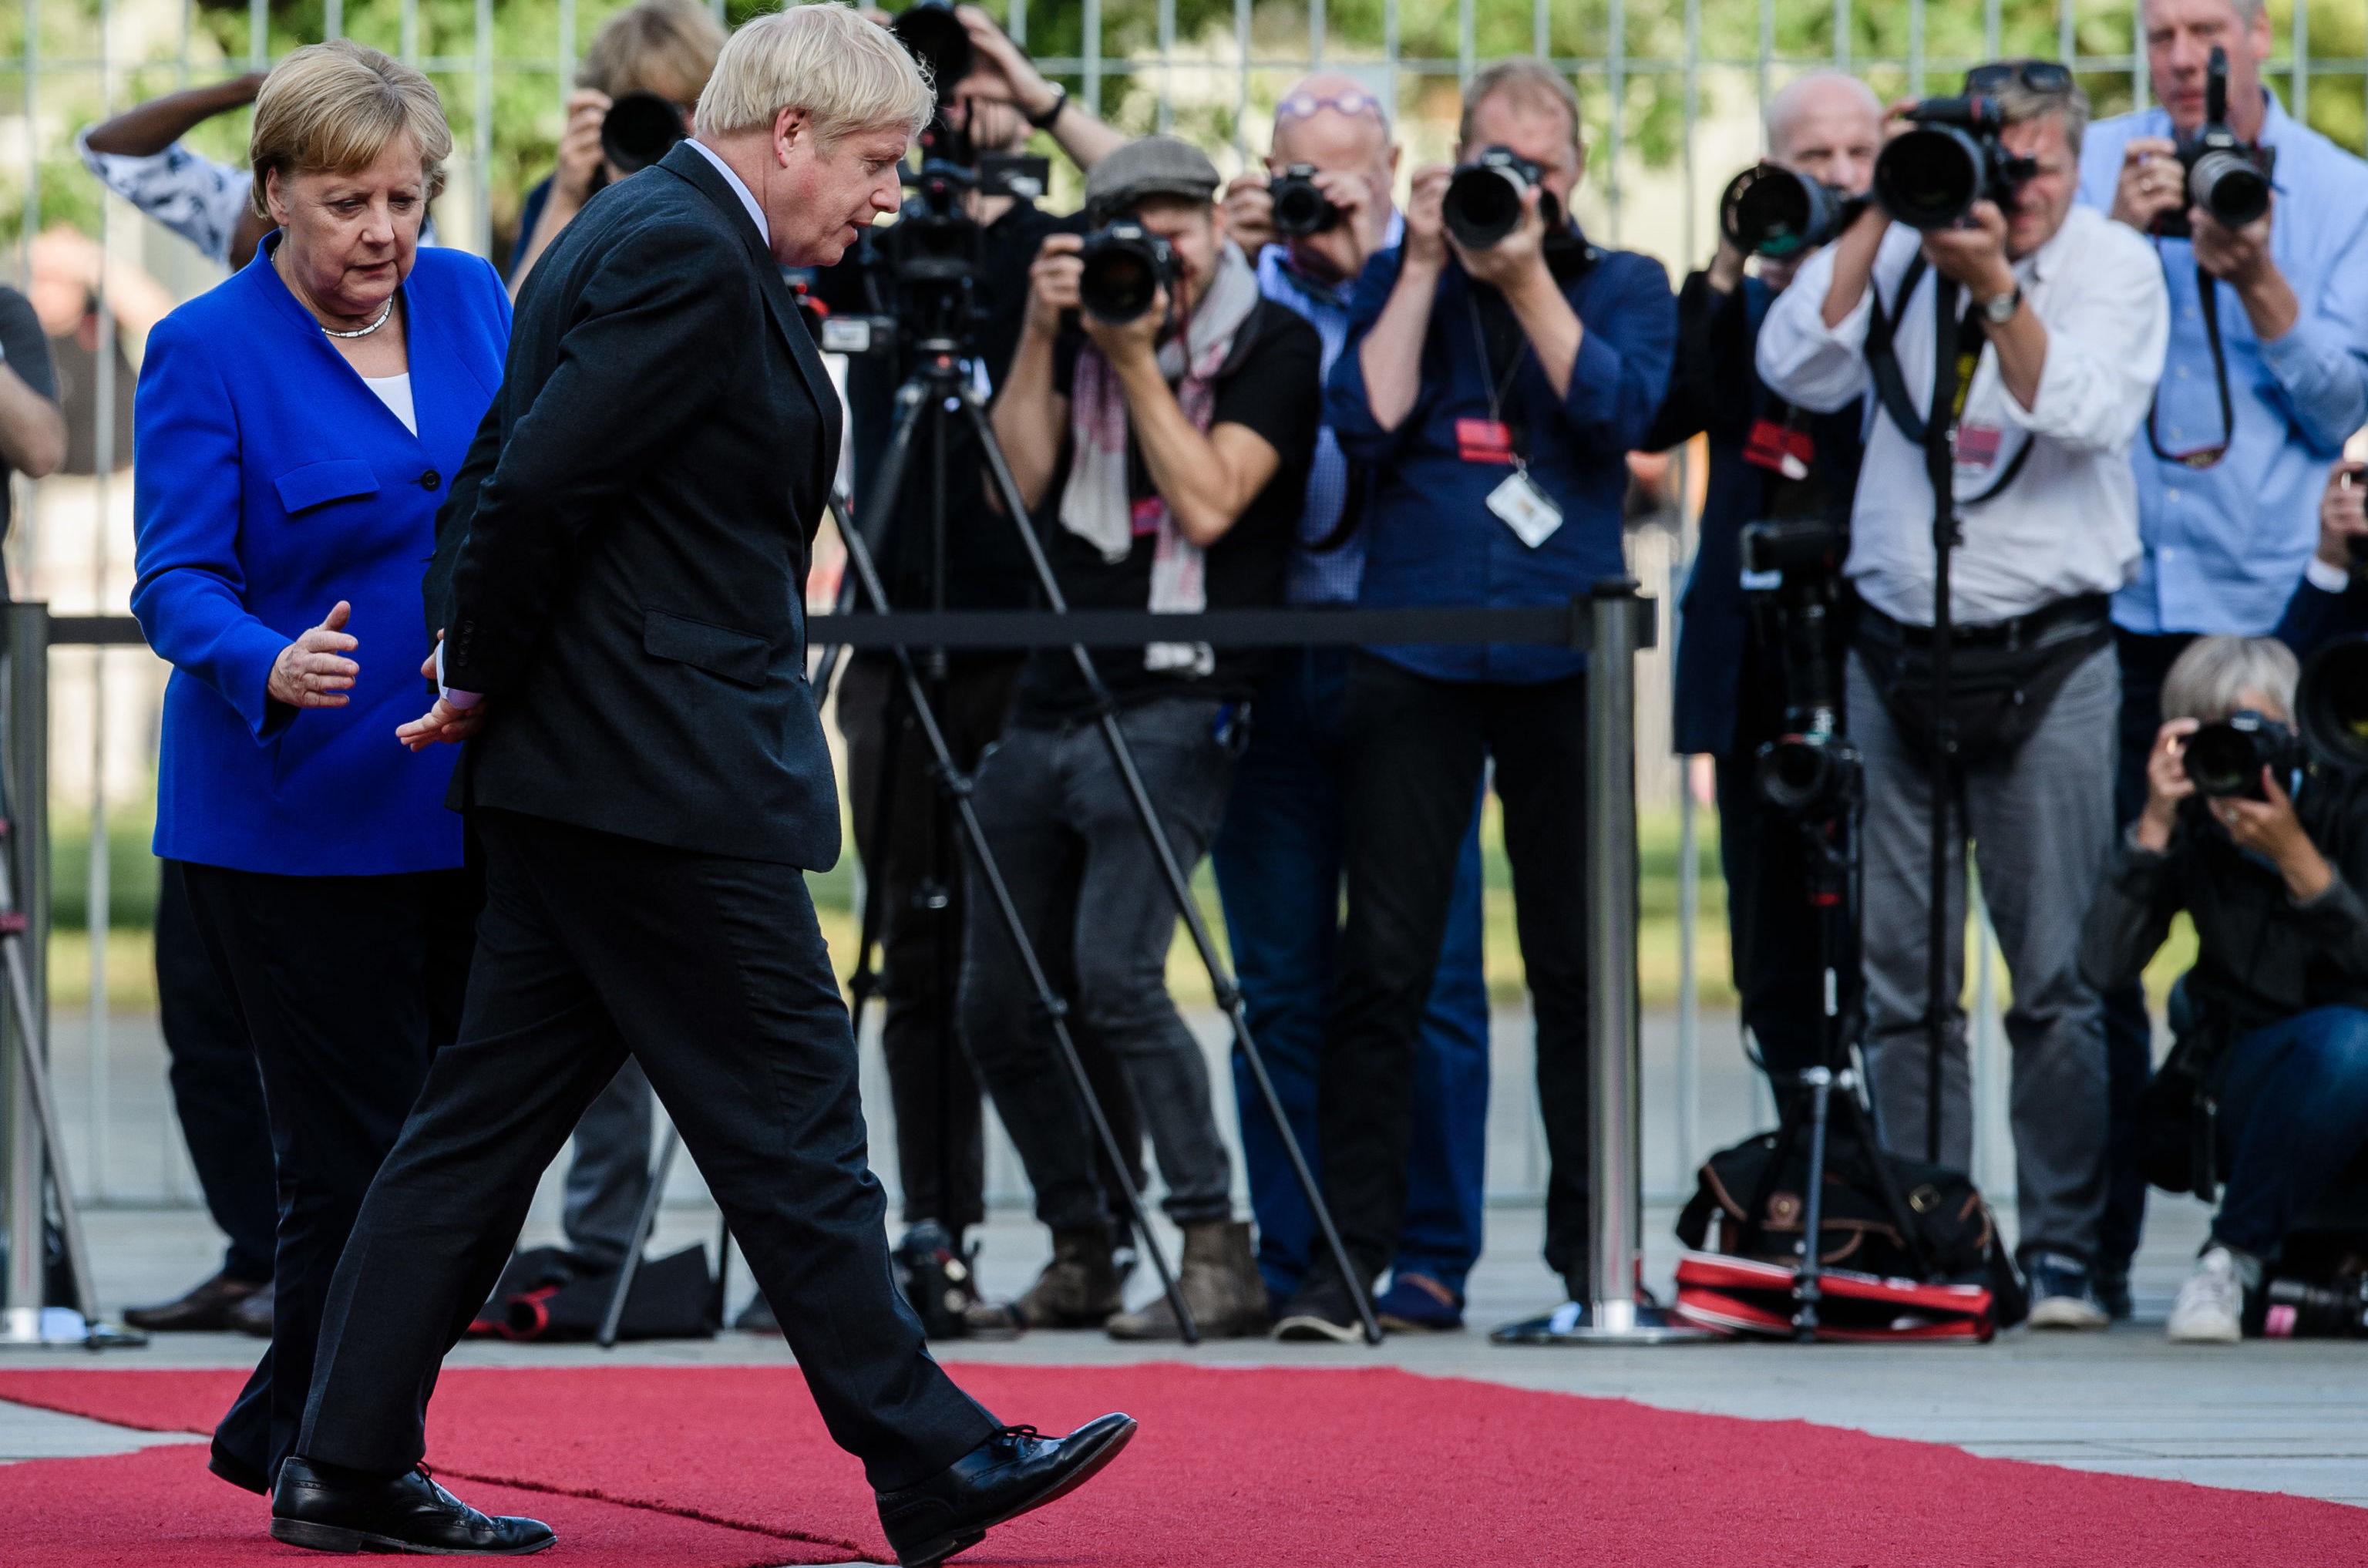 Johnson, Almanya'ya yaptığı ilk resmi gezisinde elleri arkada yürüdü.